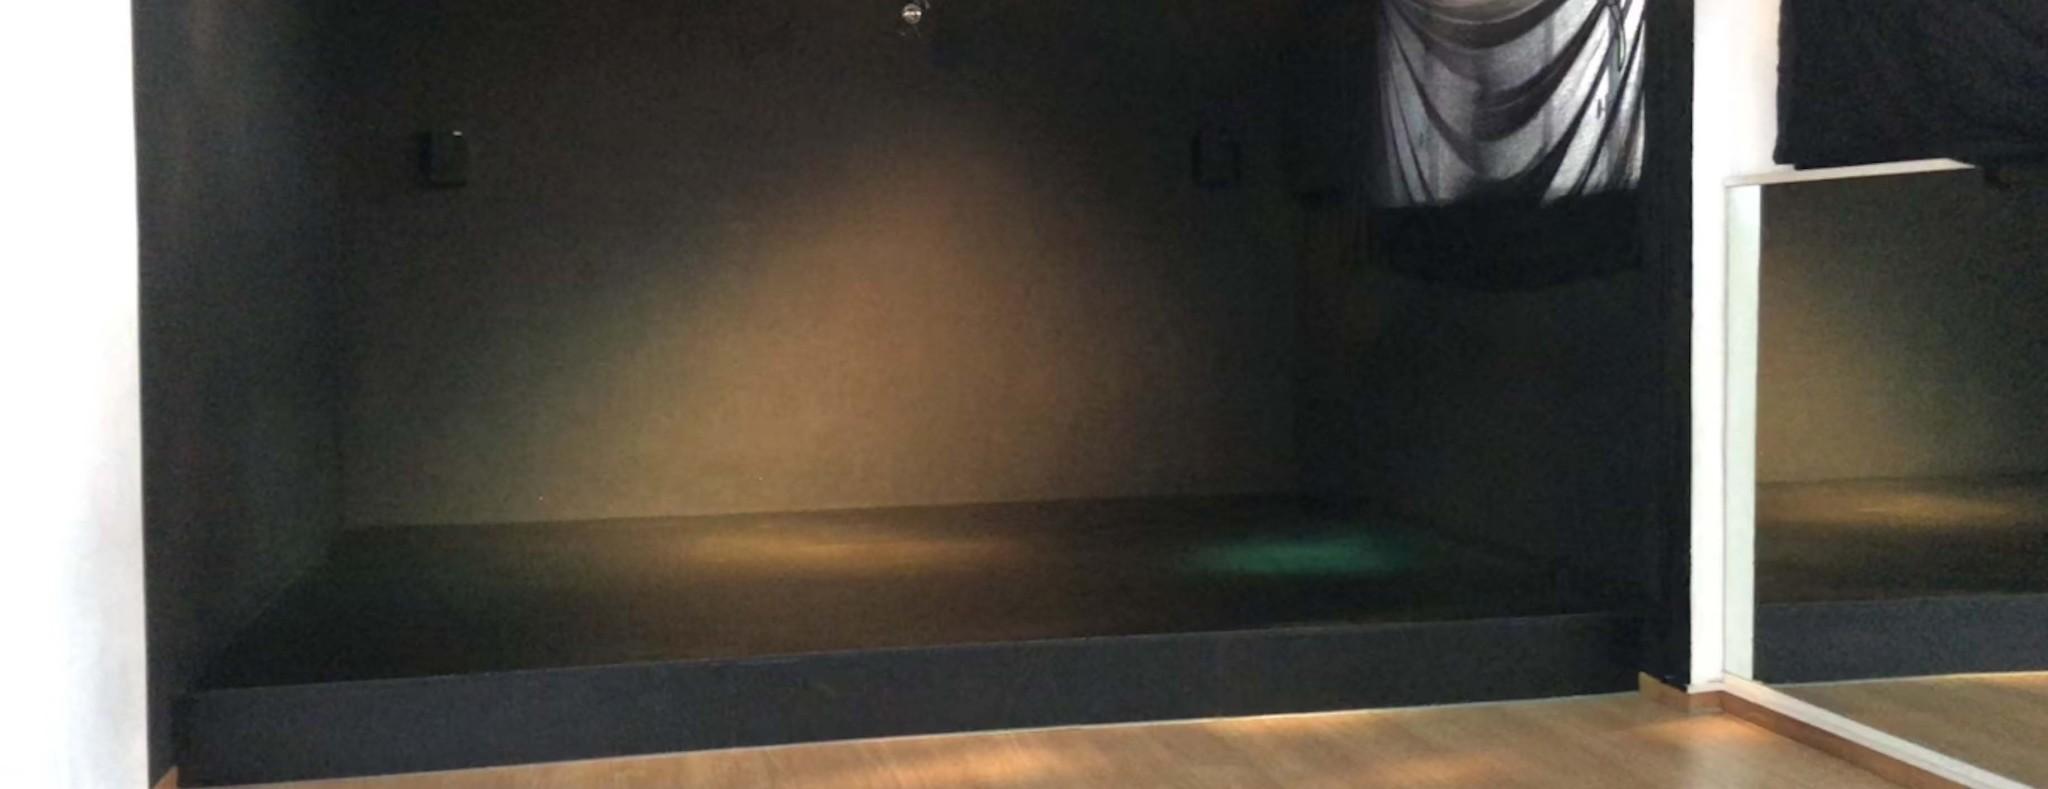 Faro teatrale - sala teatro